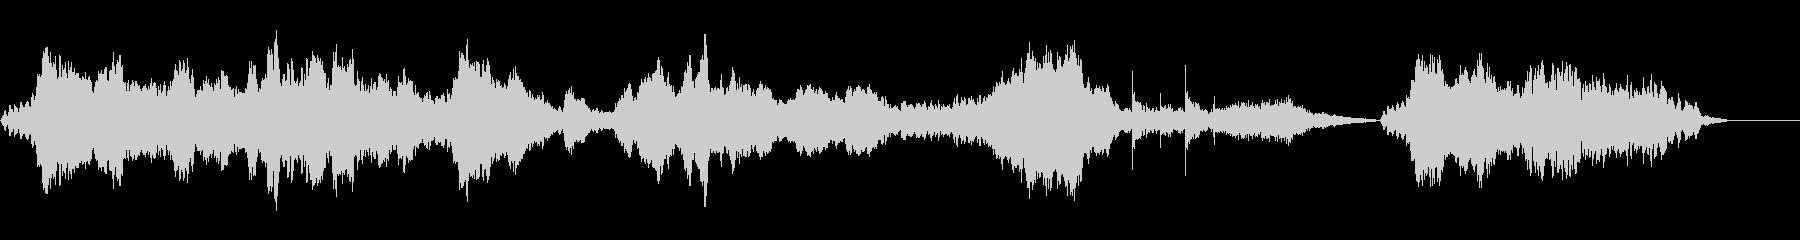 ホラー・サスペンス系軋み効果音3の未再生の波形